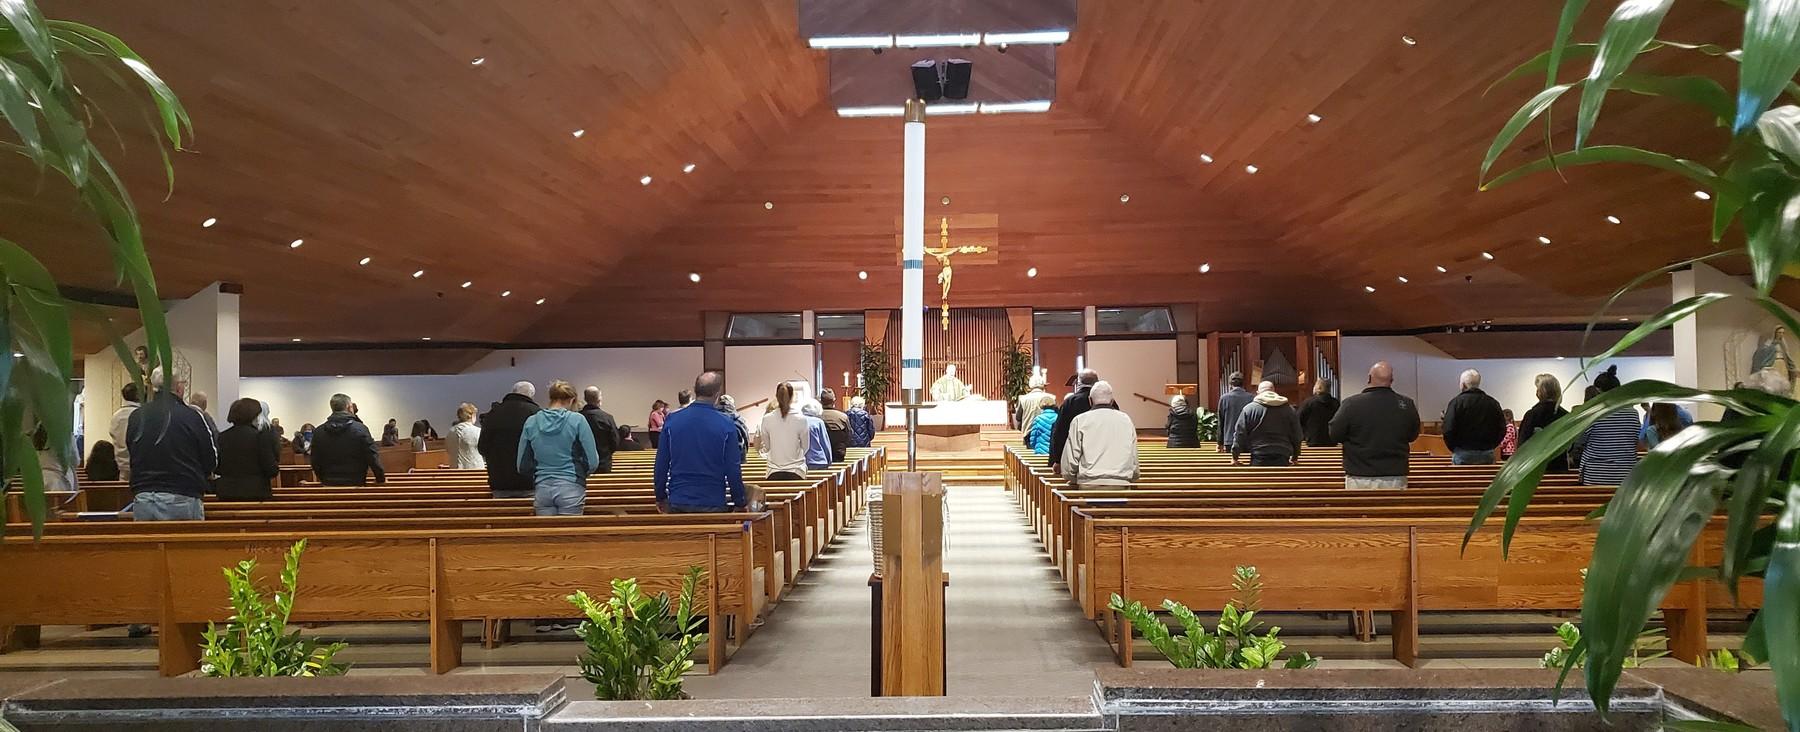 First Mass Back In Church 1 Ken D Cropped